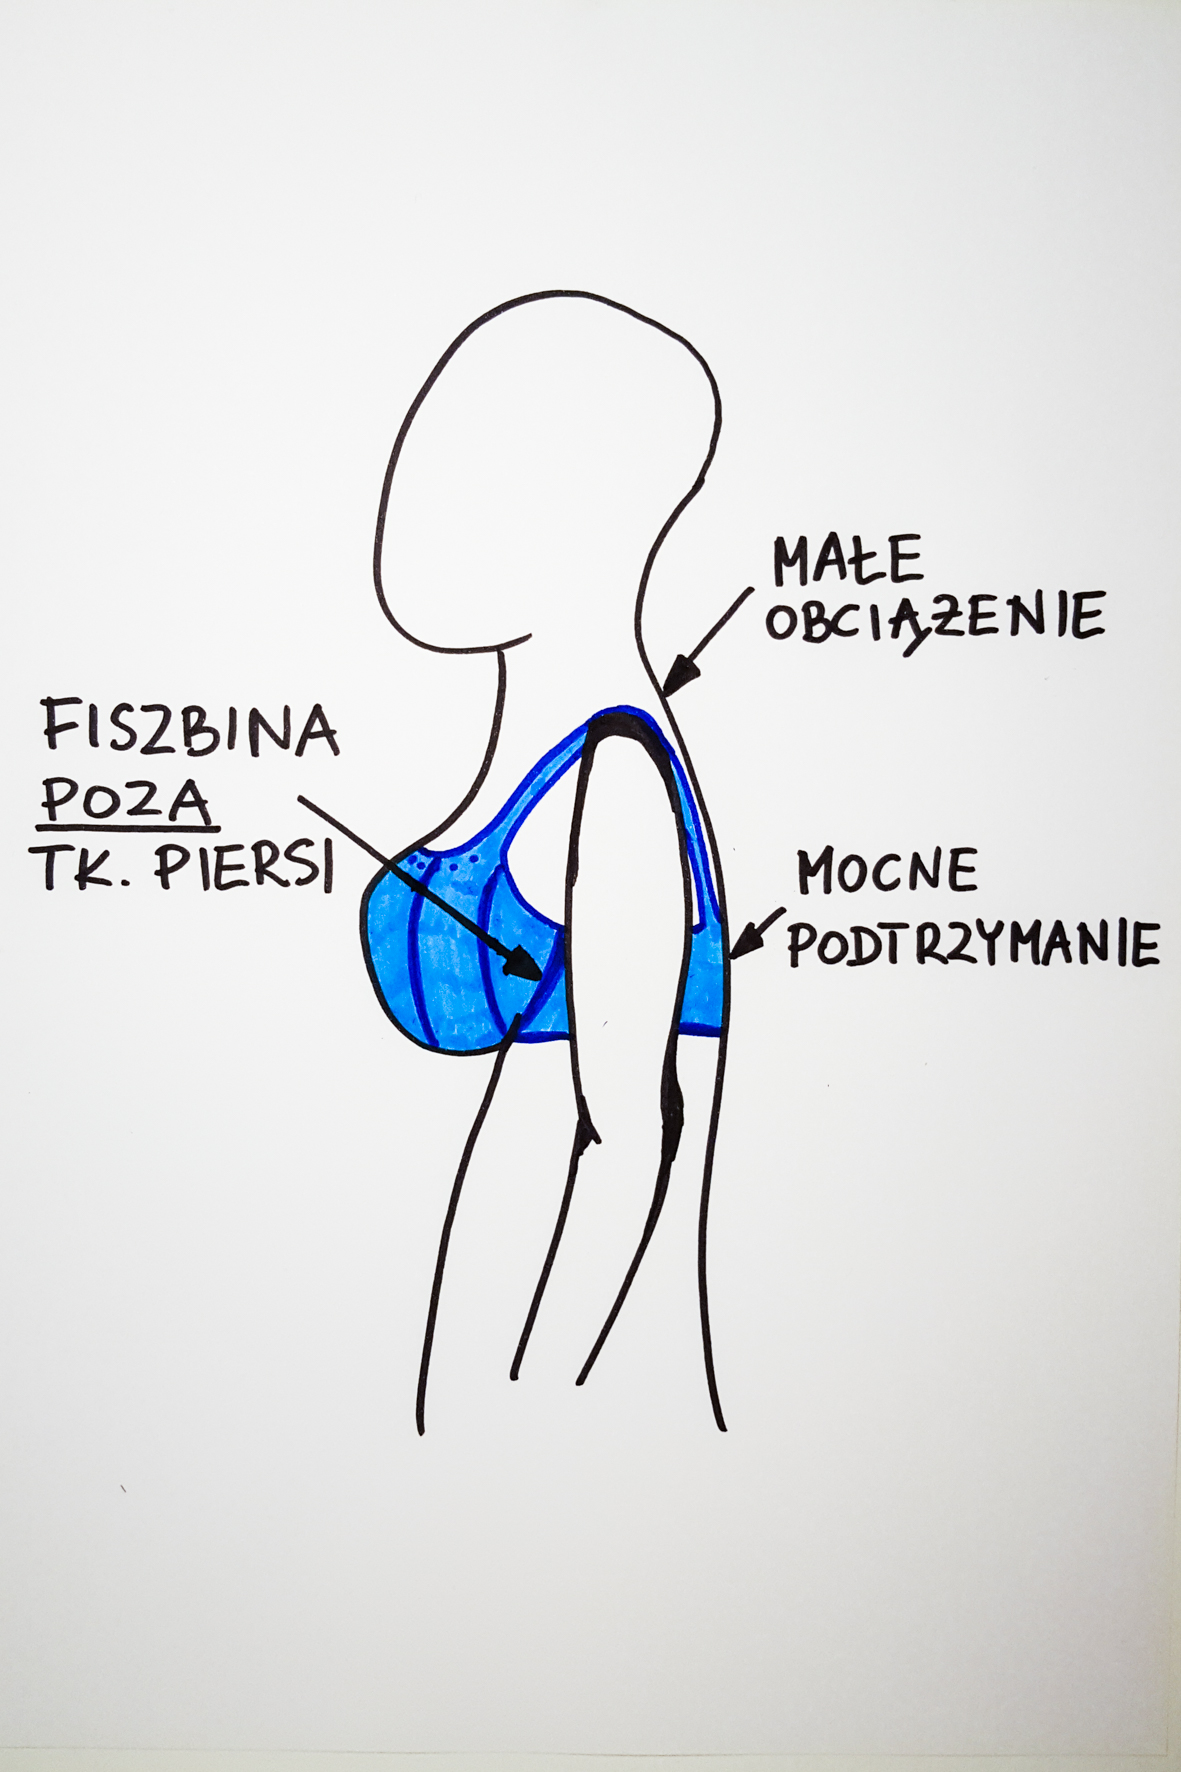 Właściwie dobrany biustonosz. Rycina przedstawia sylwetkę kobiety w dobrze dobranym biustonoszu. Fiszbina znajduje się poza tkanką piersi, tył zapewnia mocne podtrzymanie, a ramiona są mało obciążone.